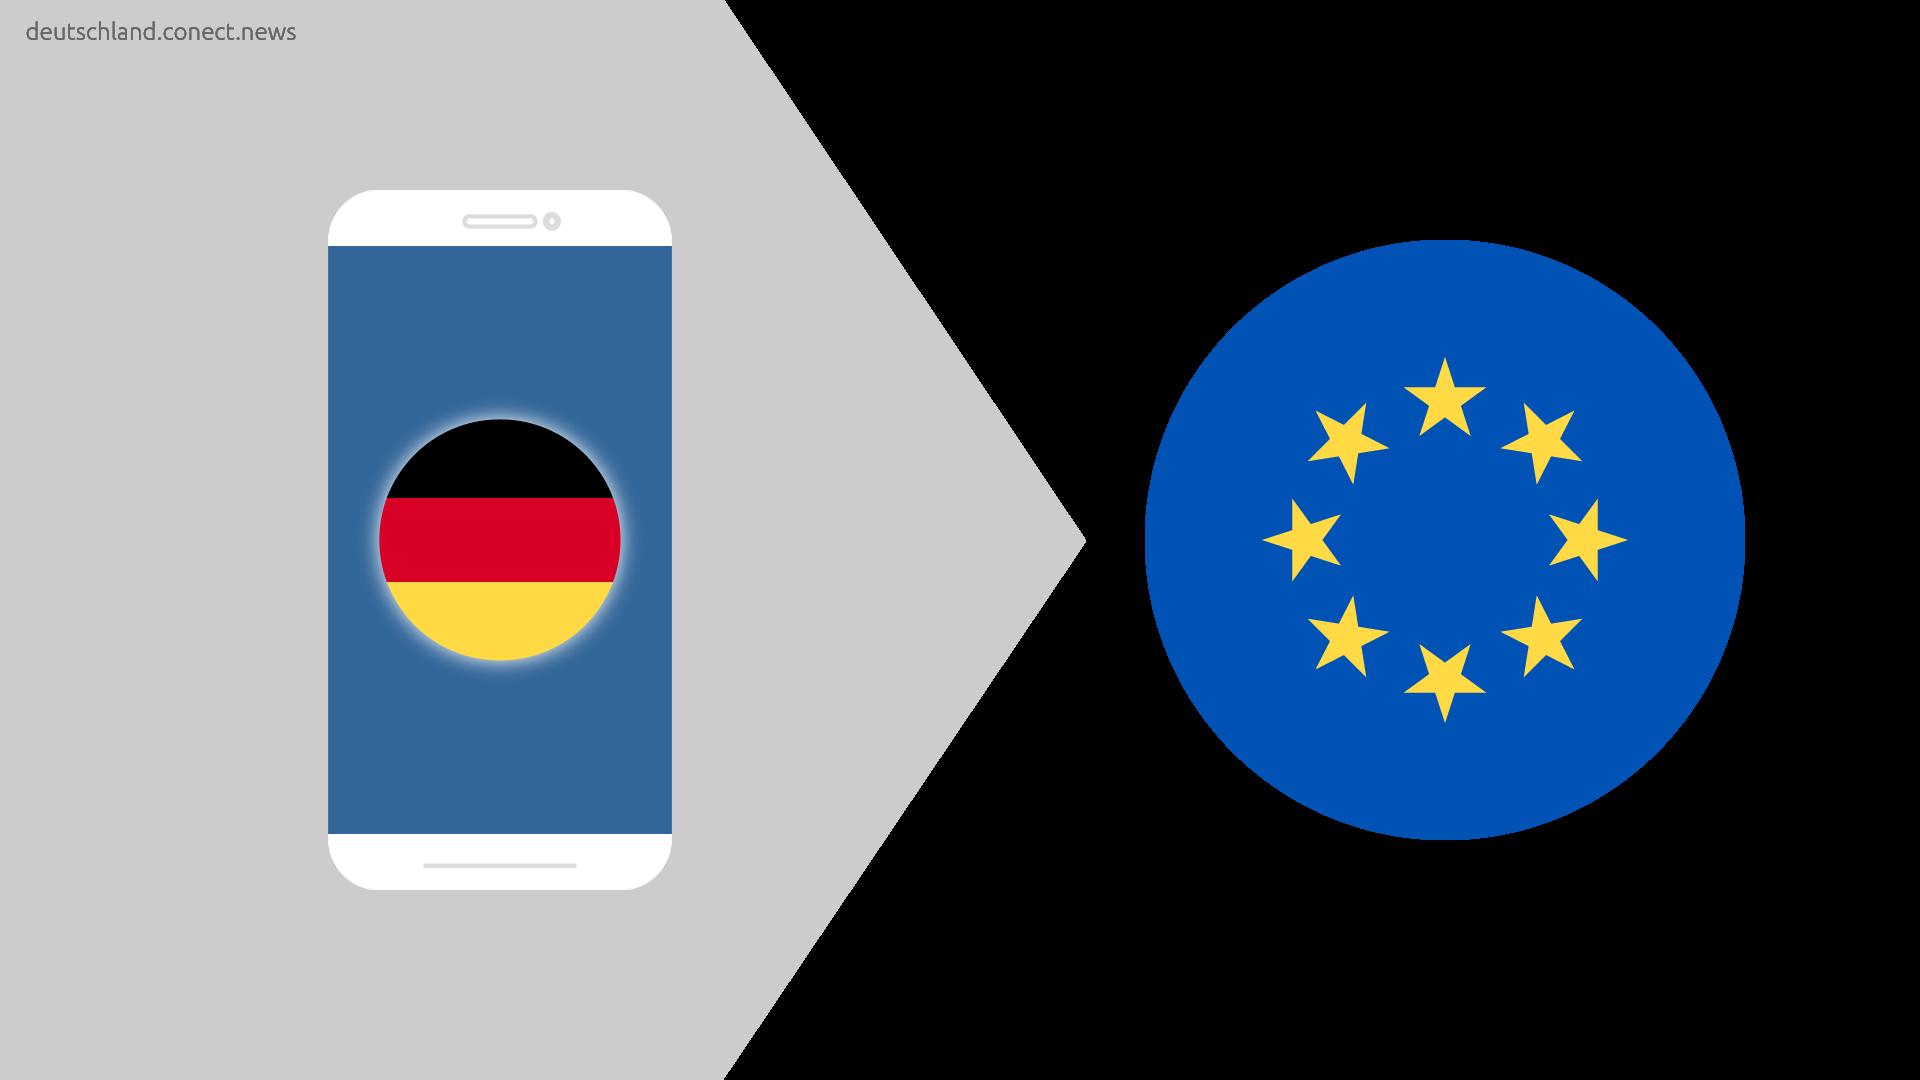 Deutschland Europa @conect_news